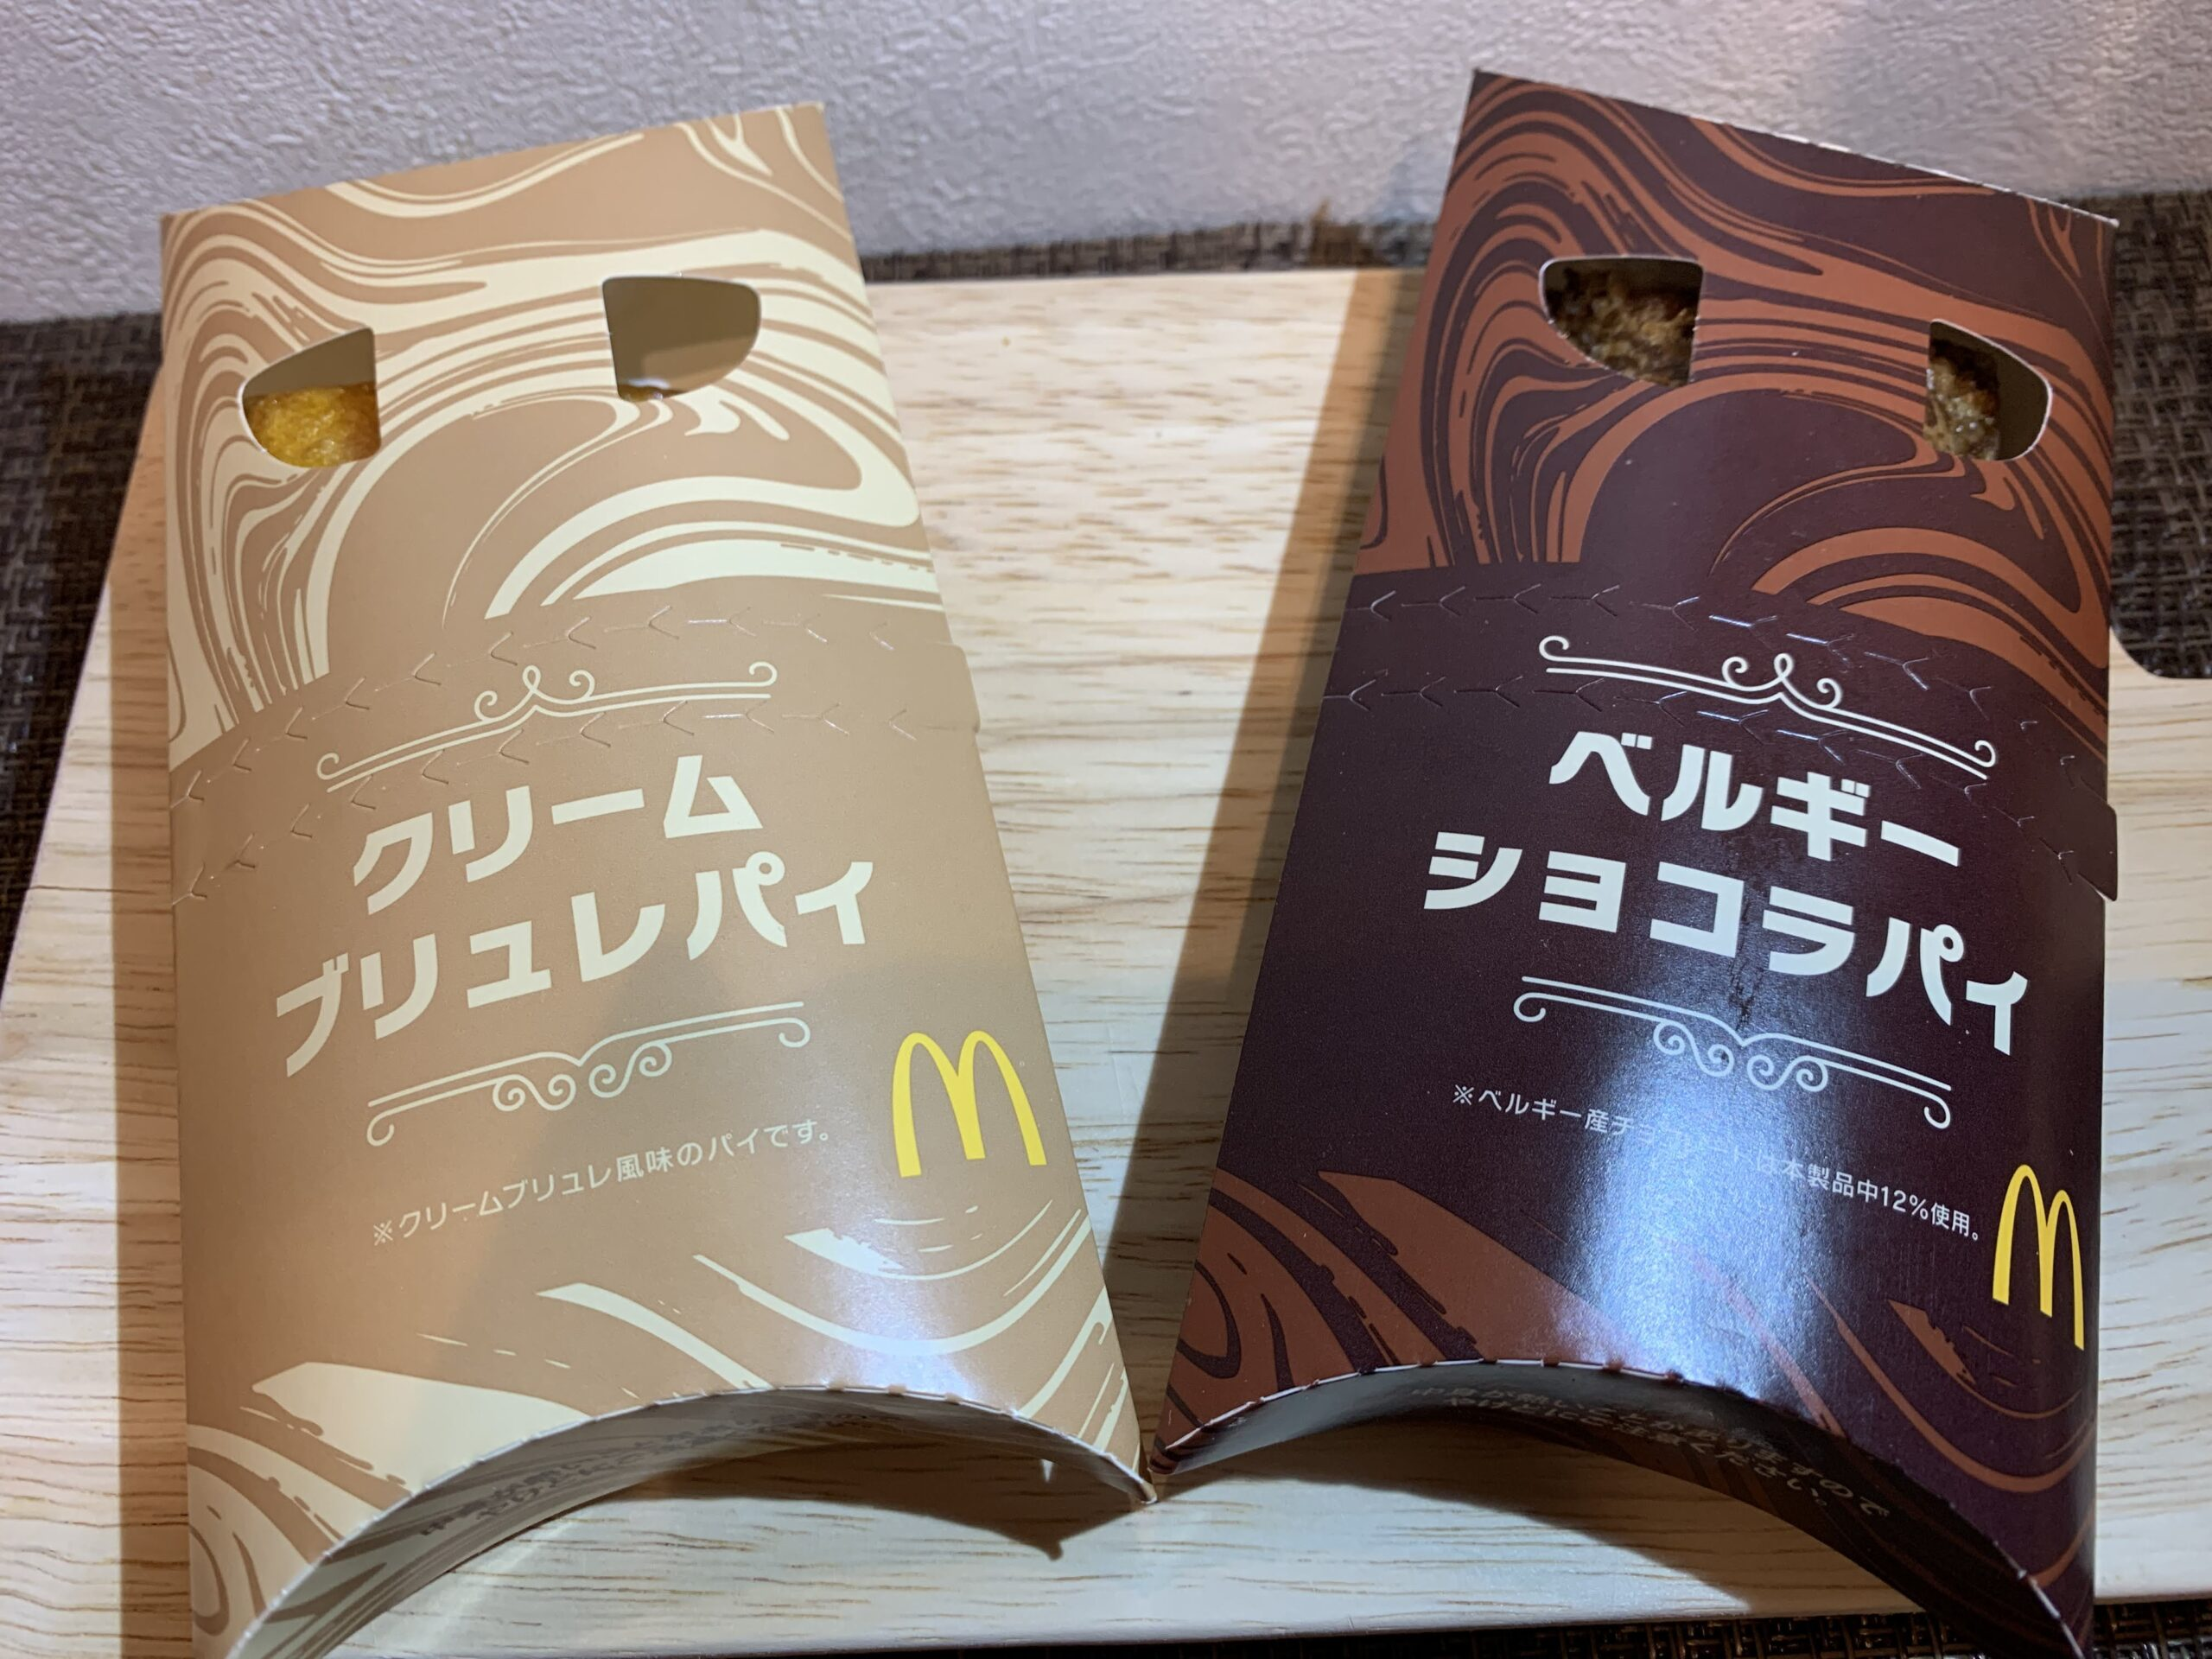 マックの新作とろけるホットパイ・クリームブリュレパイ&ベルギーショコラパイ食べ比べ